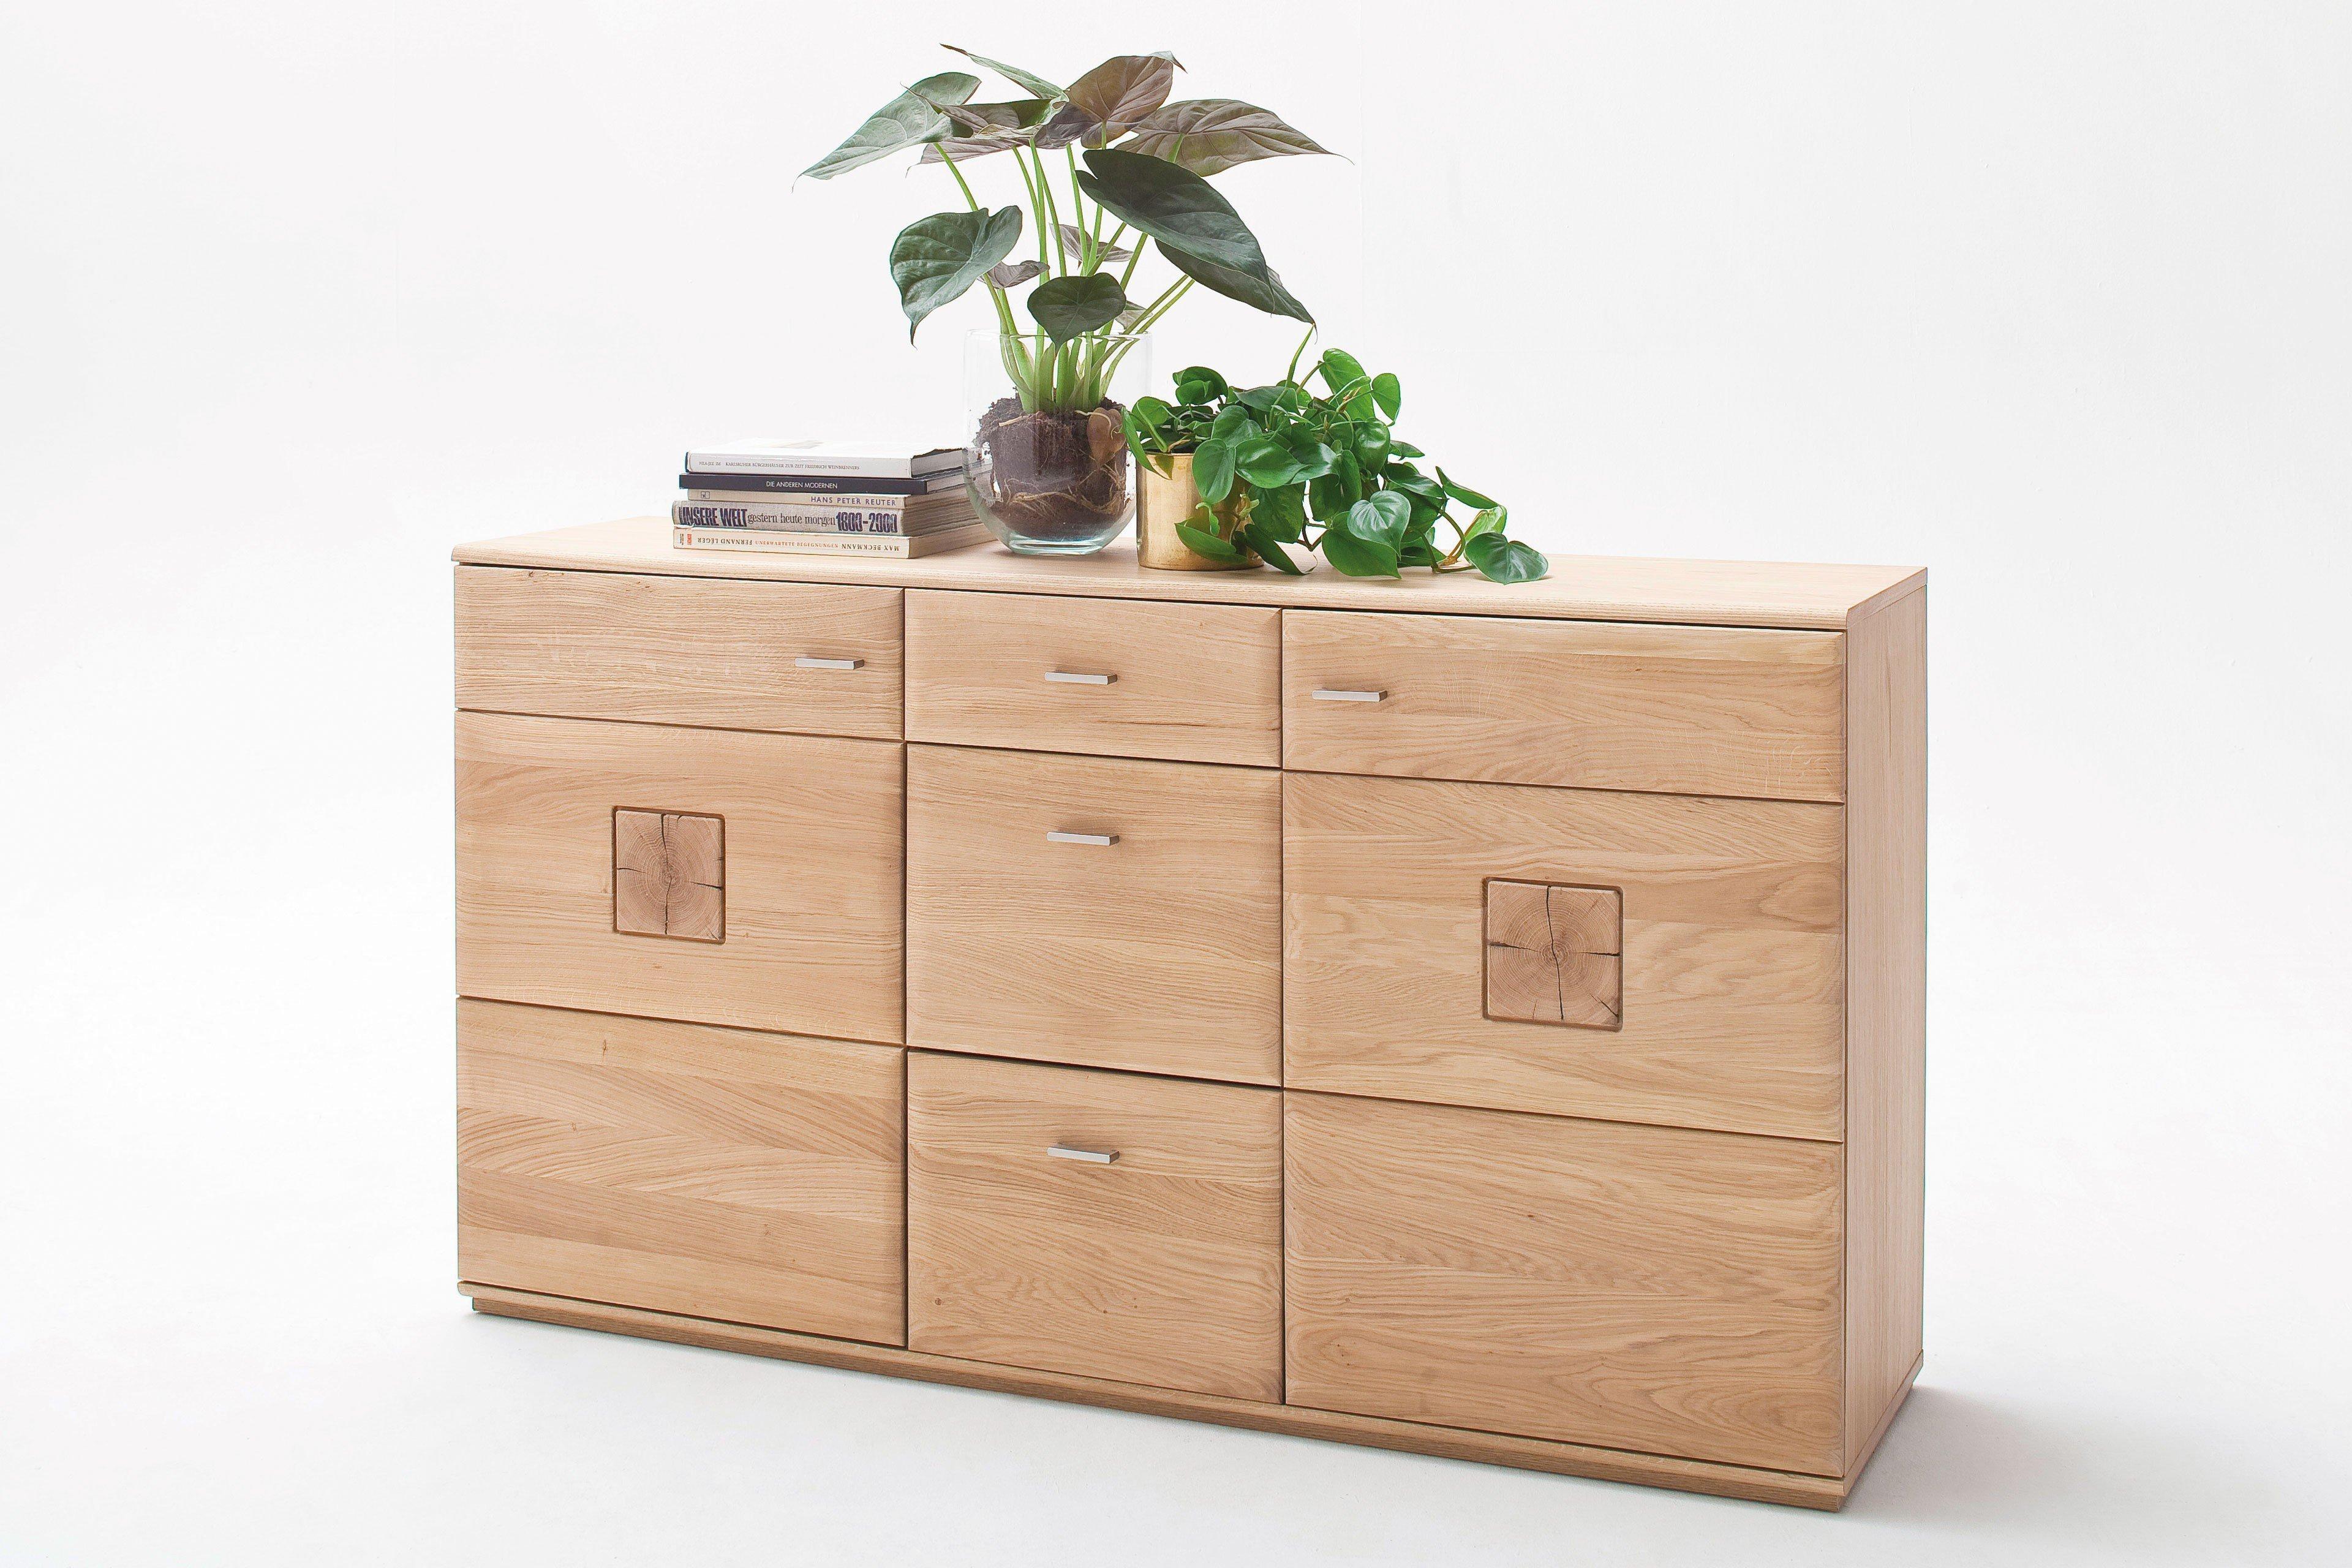 mca esstisch bologna eiche bianco m bel letz ihr online shop. Black Bedroom Furniture Sets. Home Design Ideas